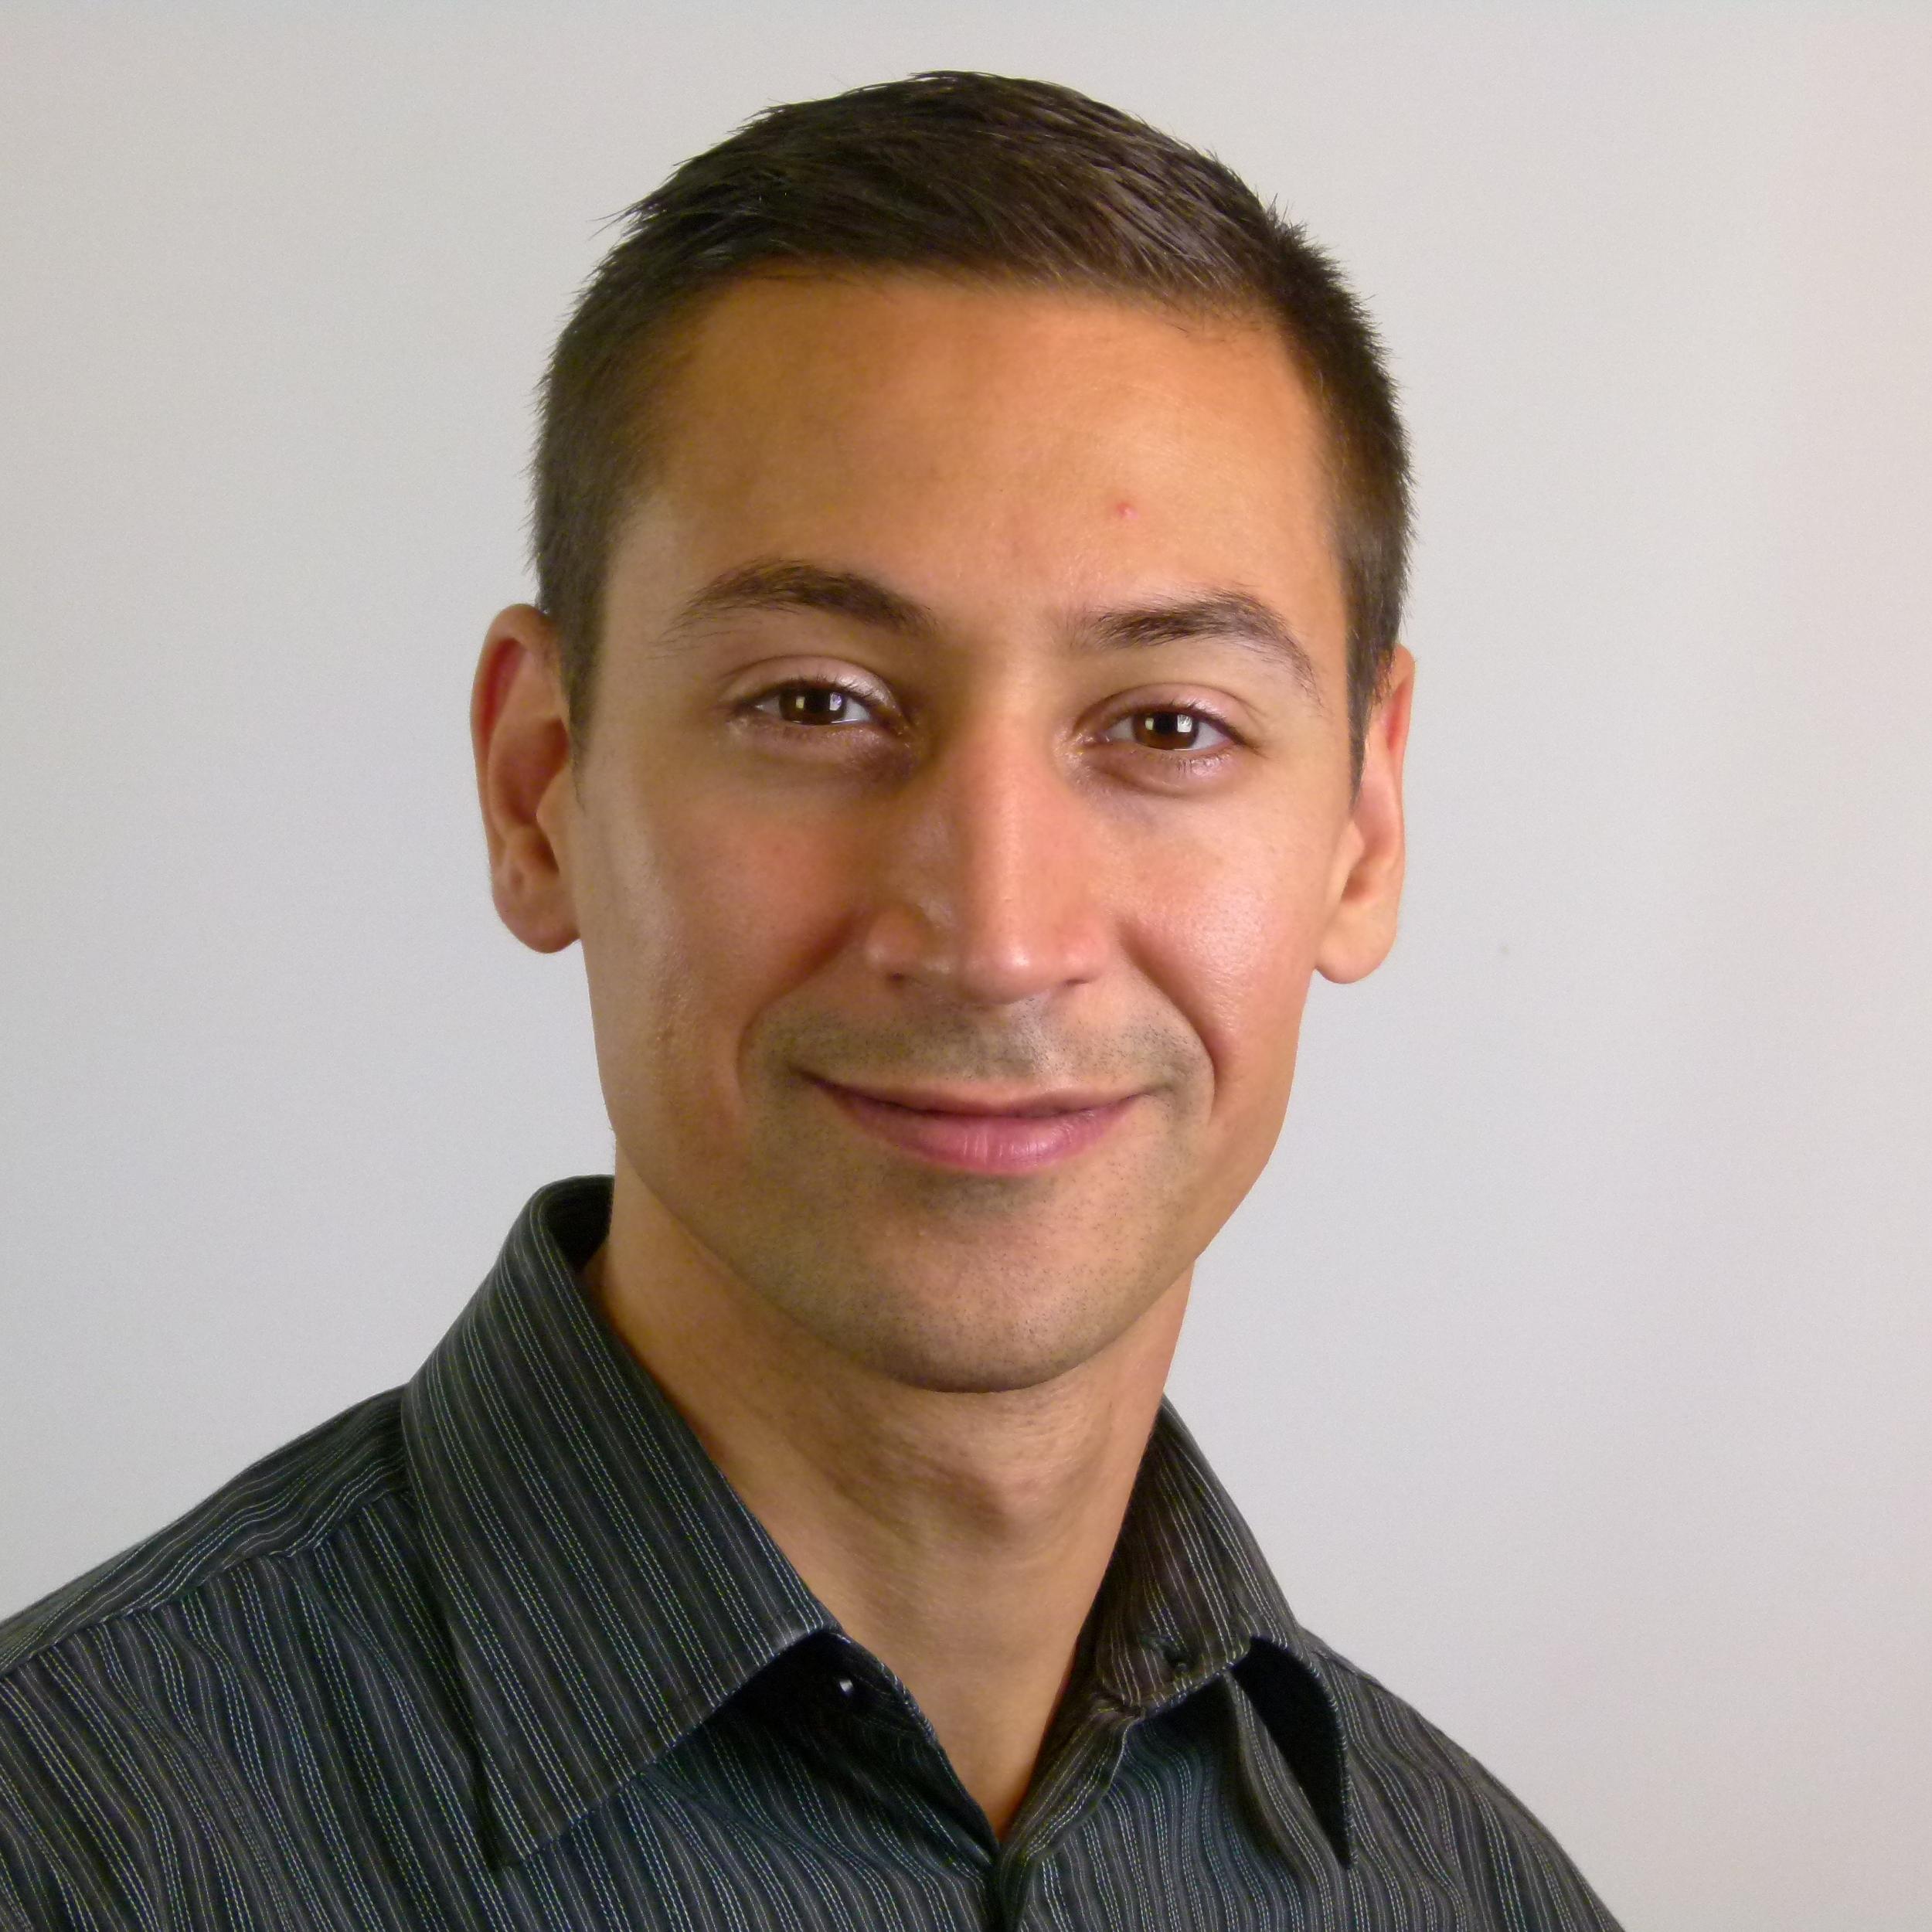 Christian Bechmann Olesen